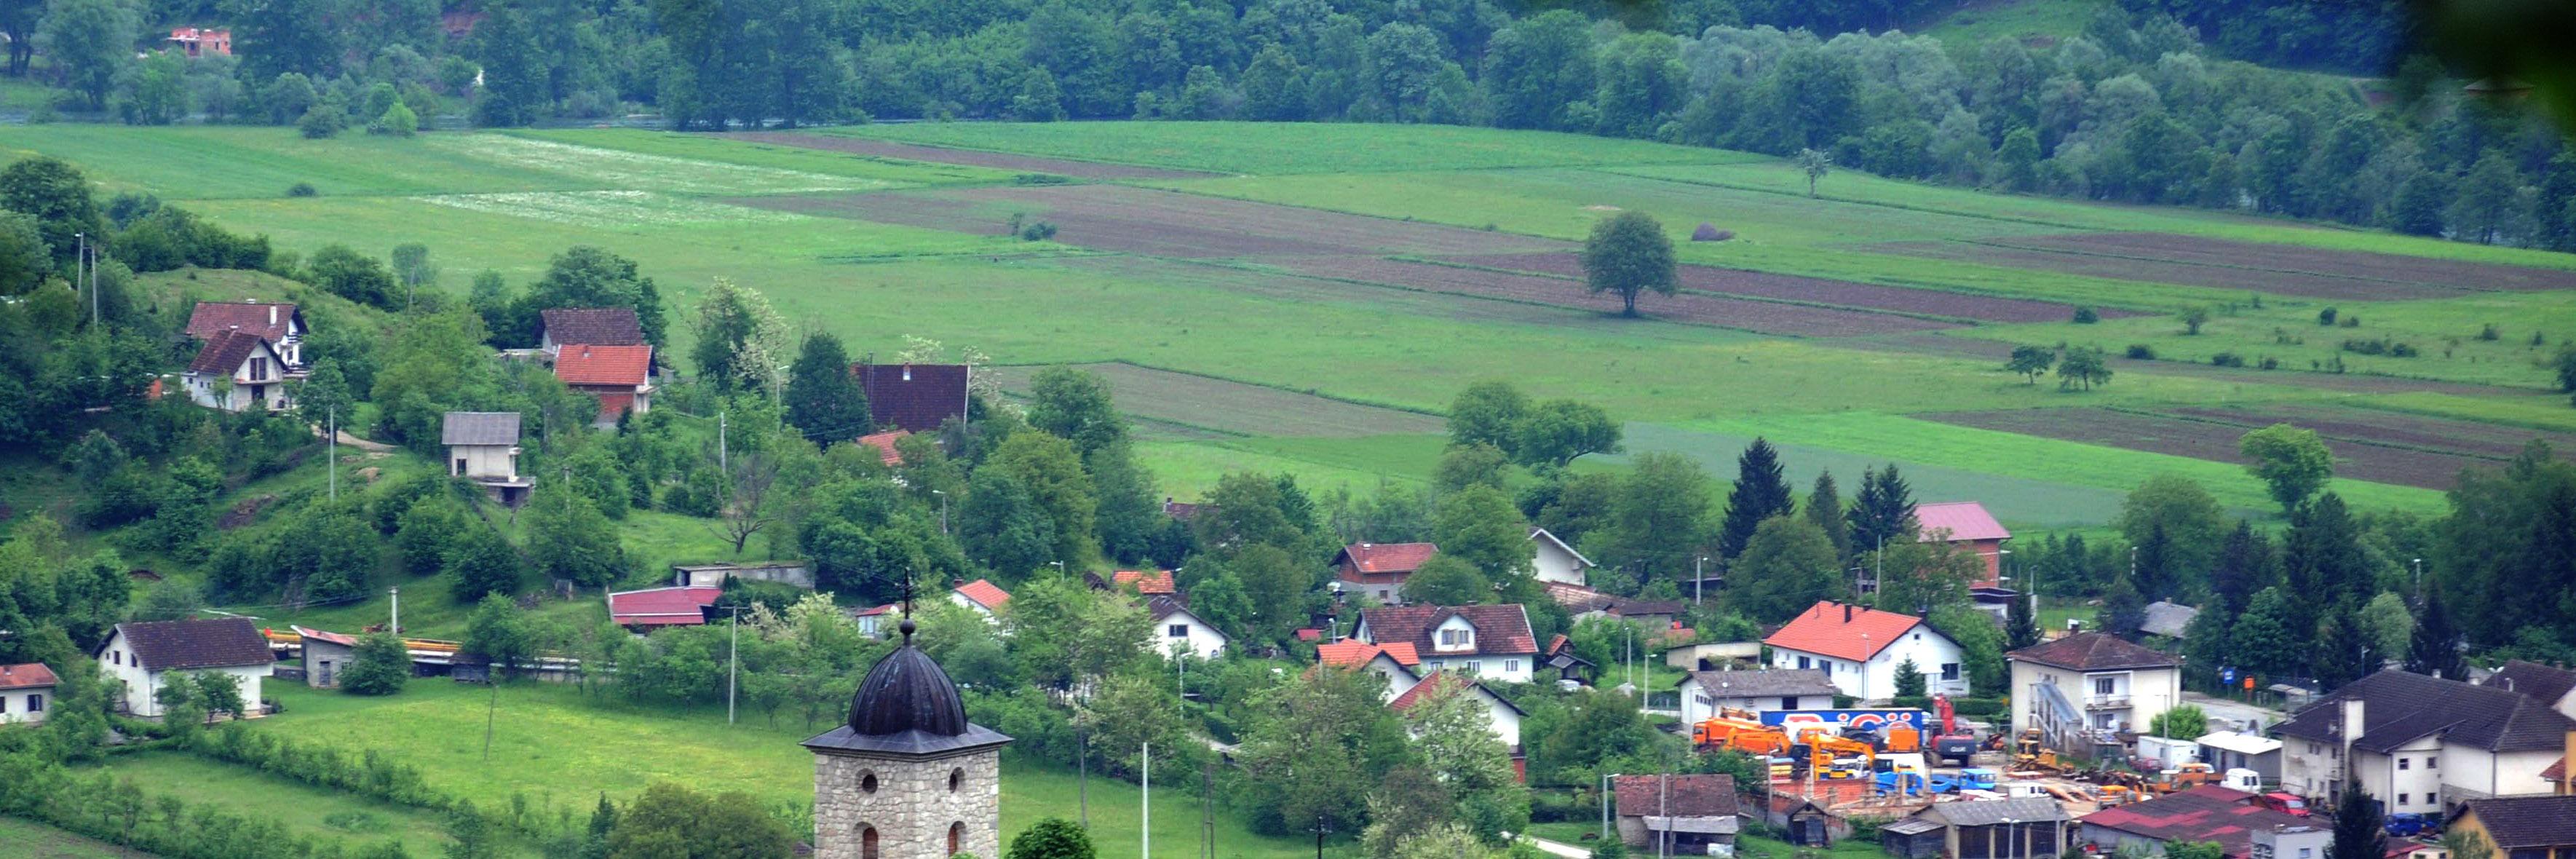 Крупа на Врбасе. Фото: Budzak2, CC-BY-SA-4.0